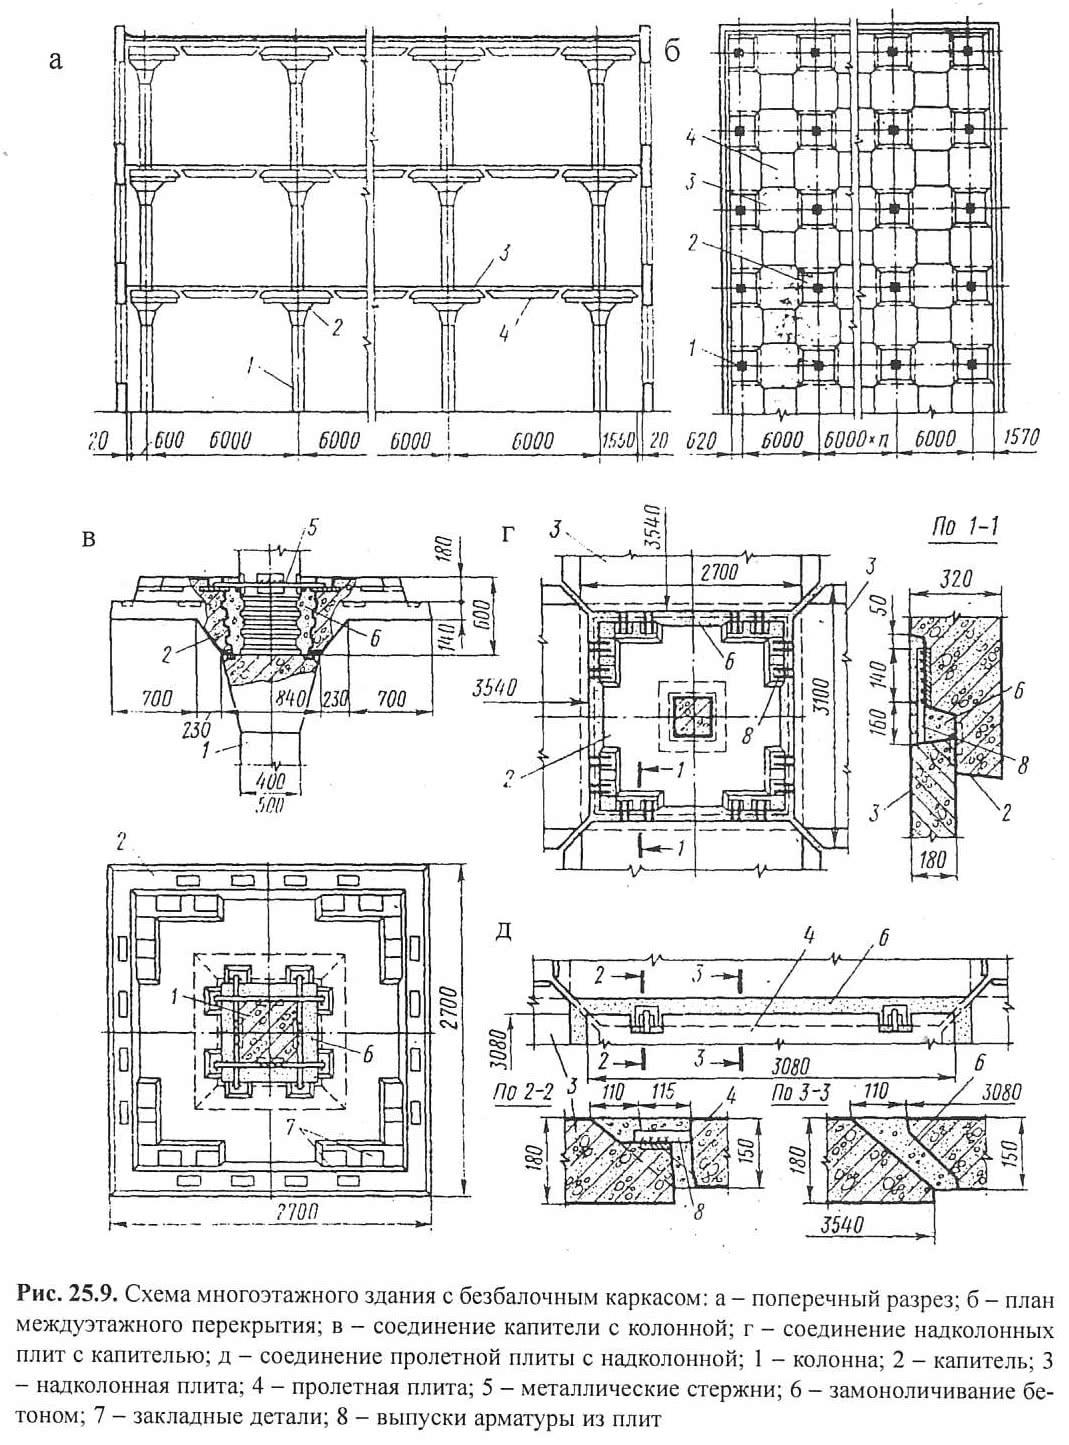 Рис. 25.9. Схема многоэтажного здания с безбалочным каркасом